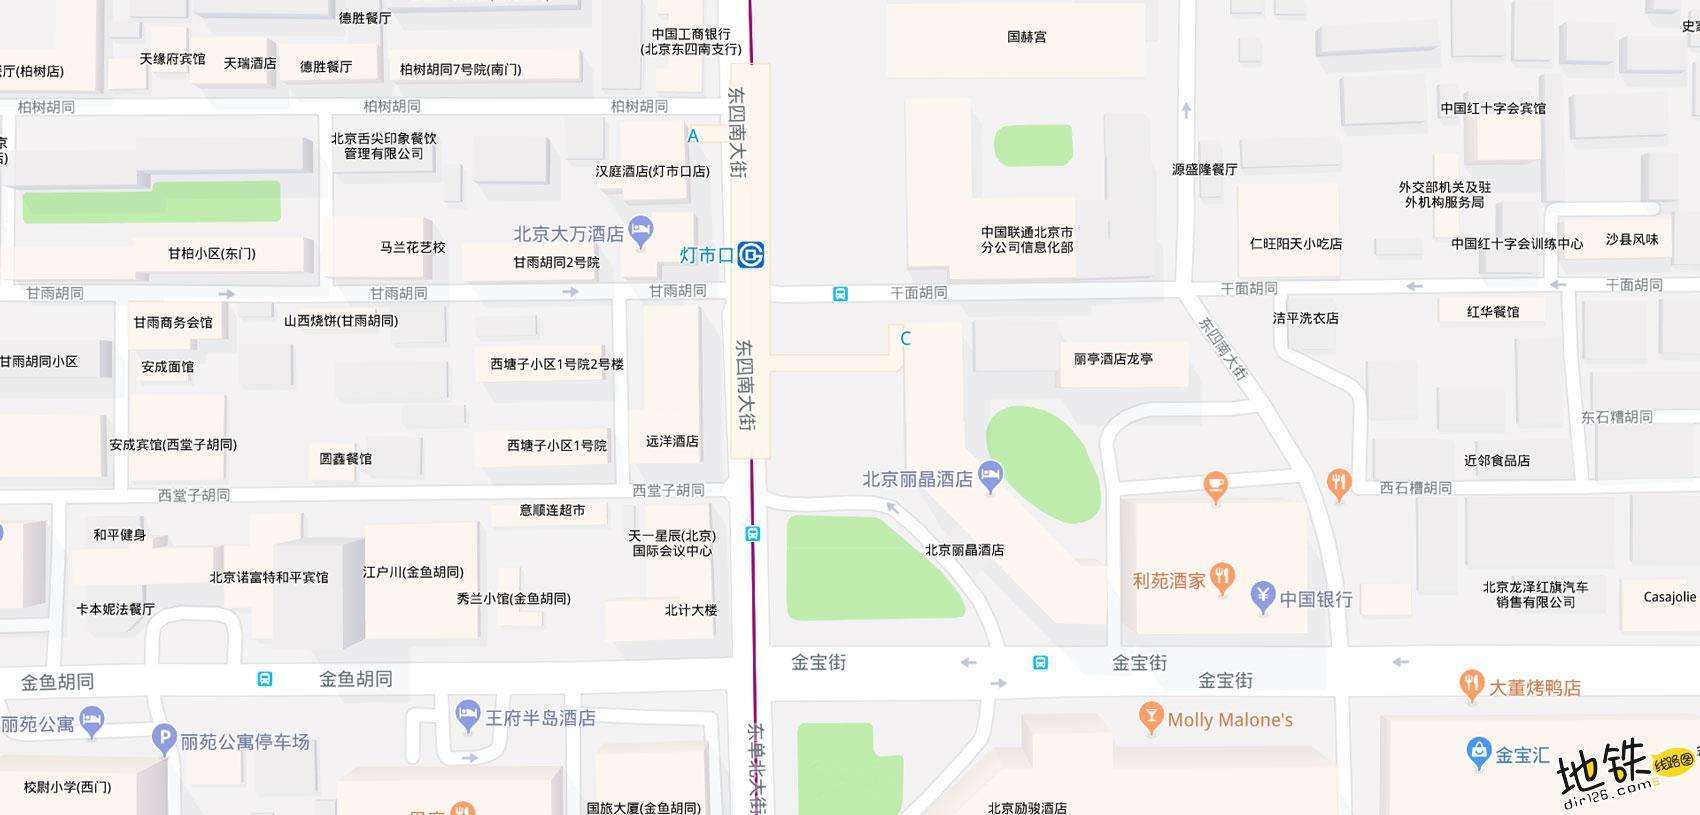 灯市口地铁站 北京地铁灯市口站出入口 地图信息查询  北京地铁站  第2张